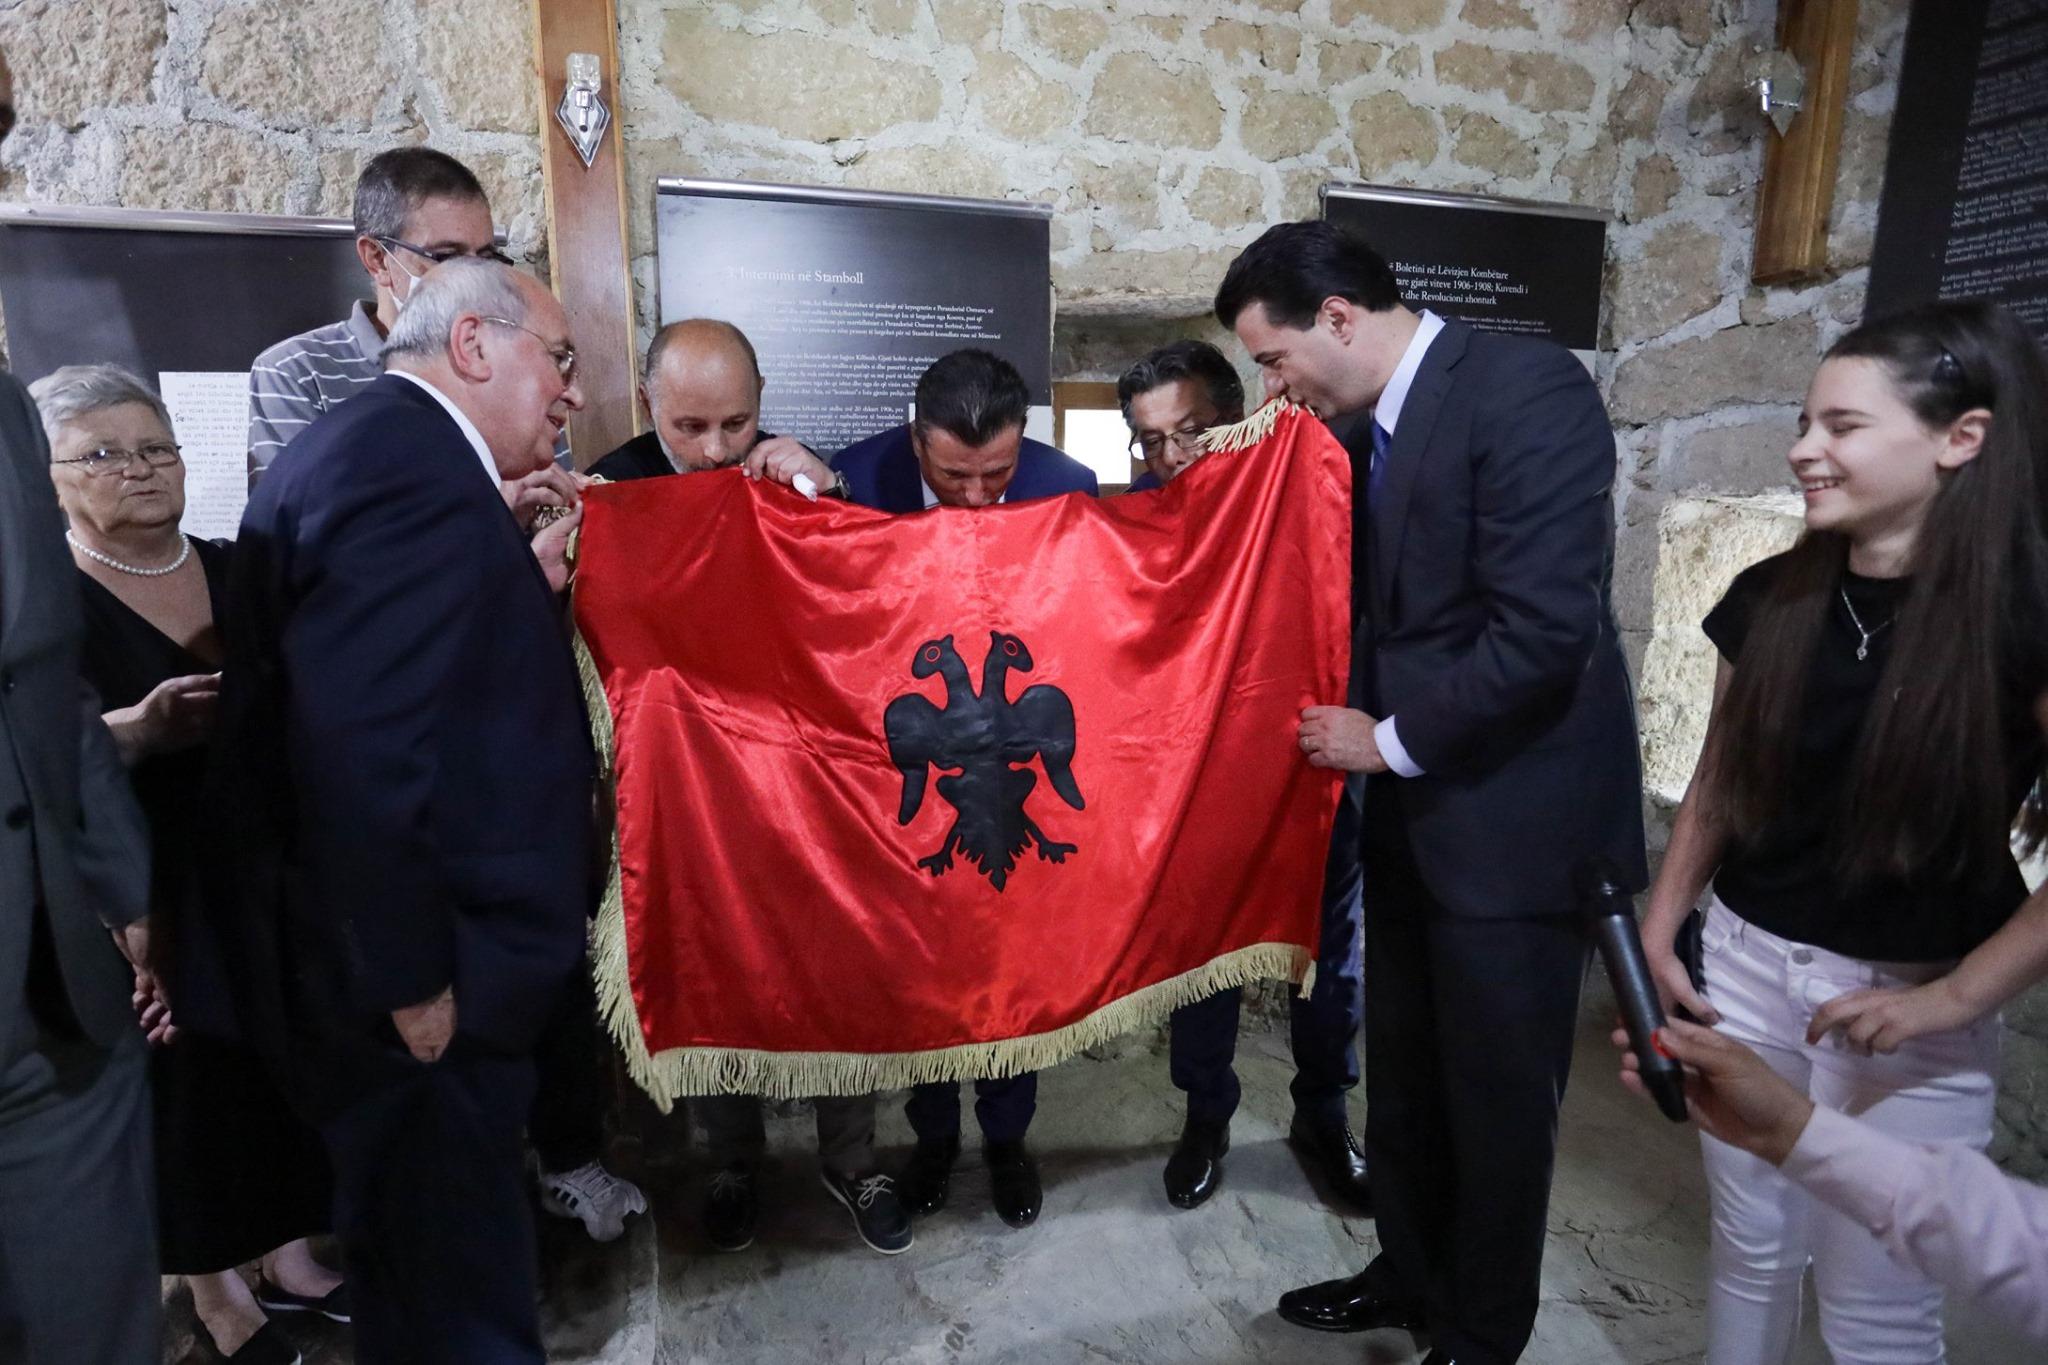 Pasardhësit e Boletinit i dhurojnë Bashës flamurin 108- vjeçar: Do e vendos në zyrë si kryeministër